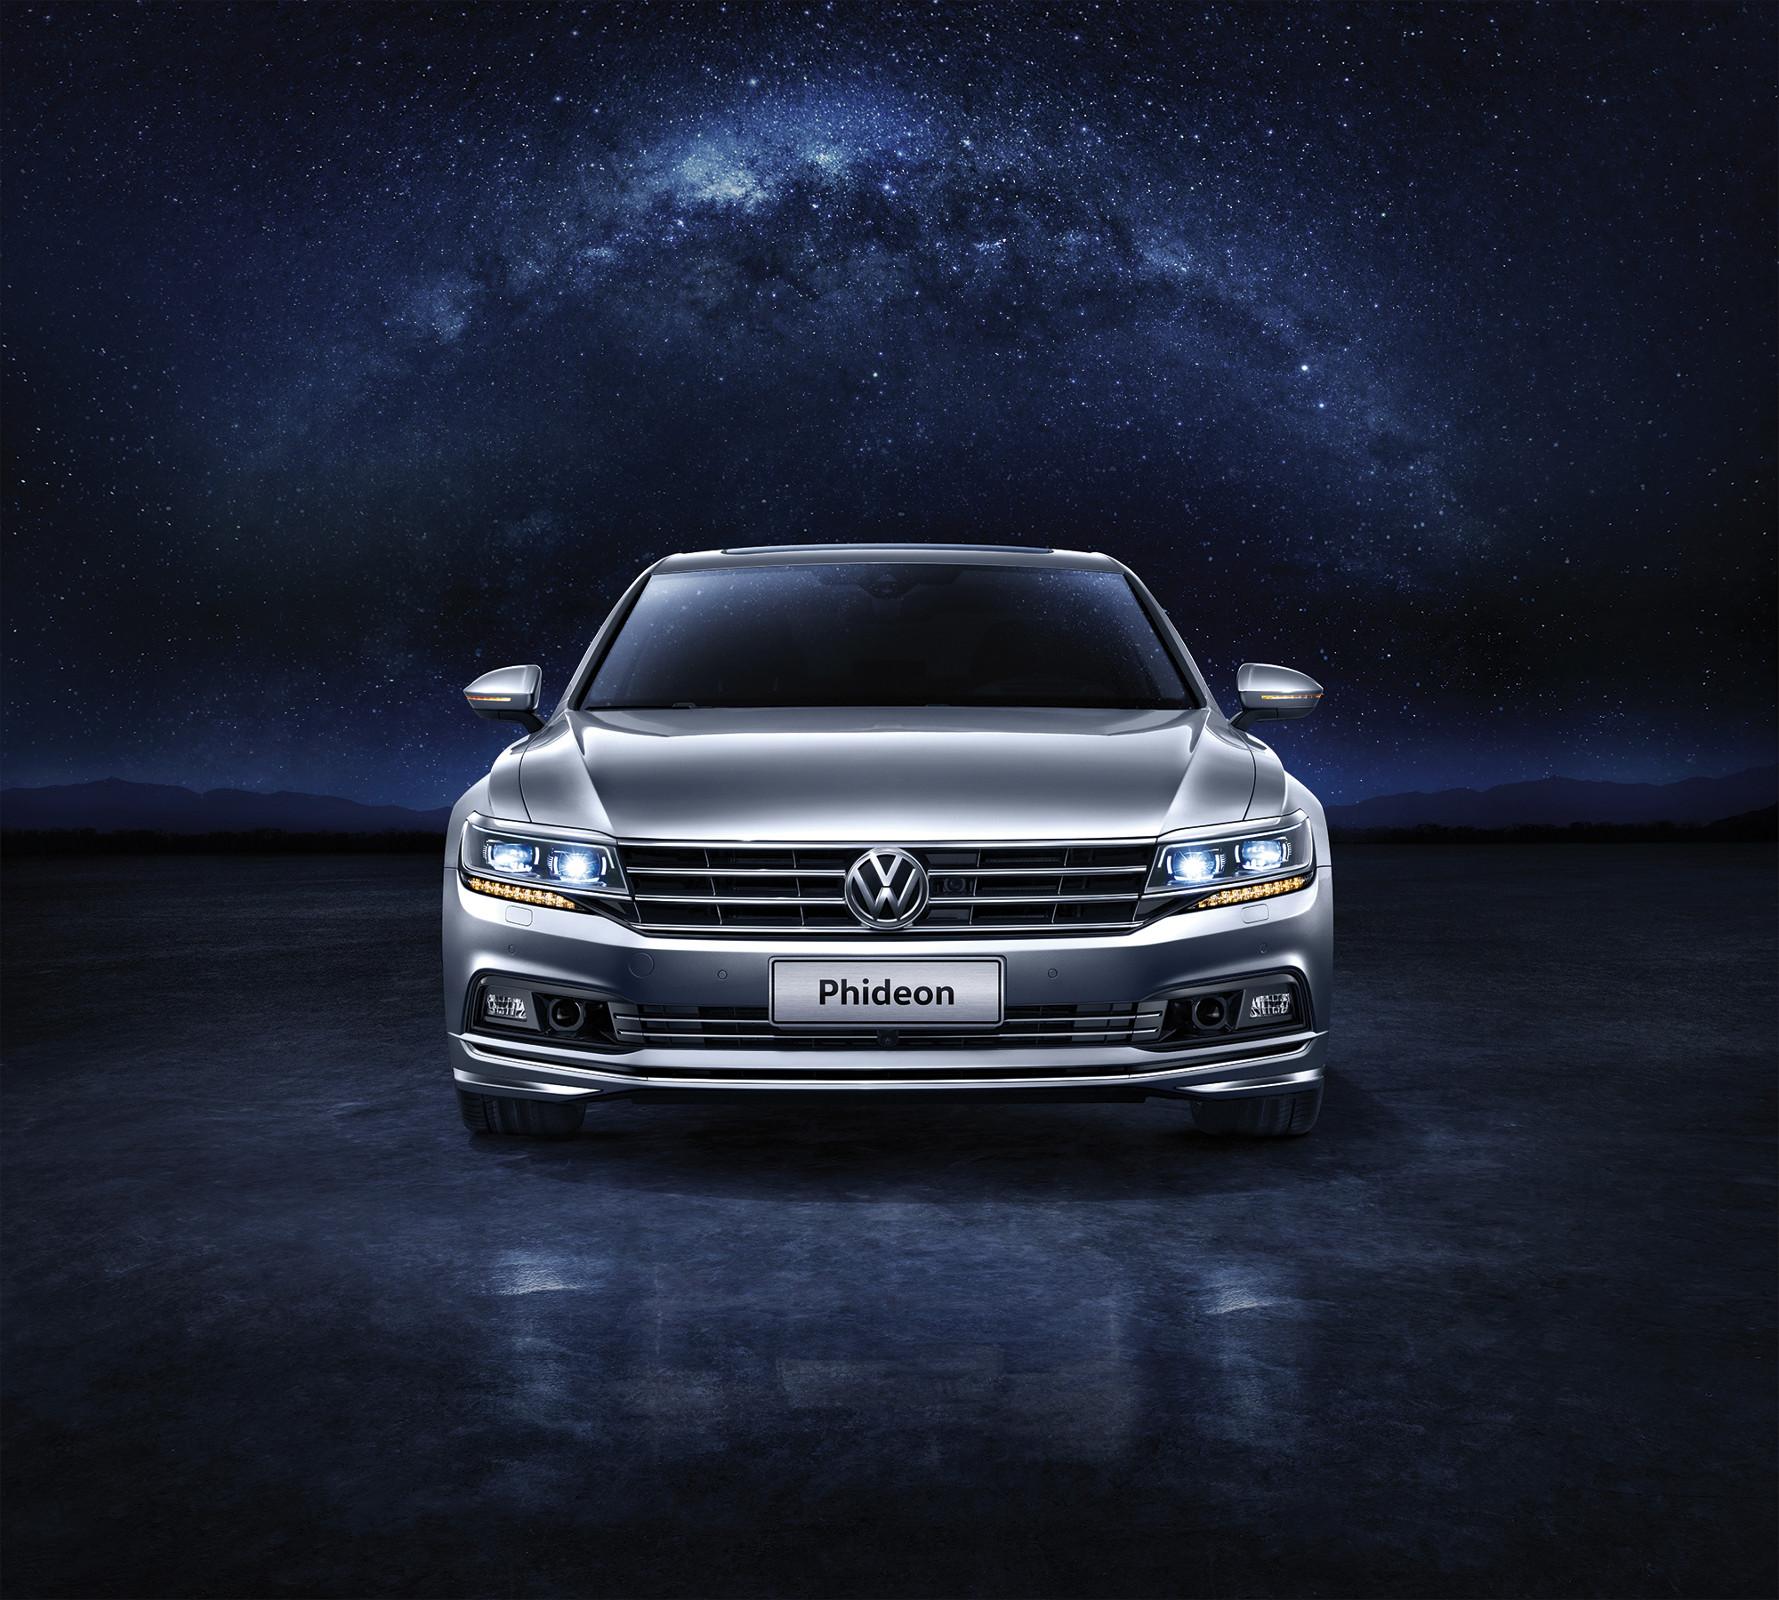 2016 Volkswagen Phideon